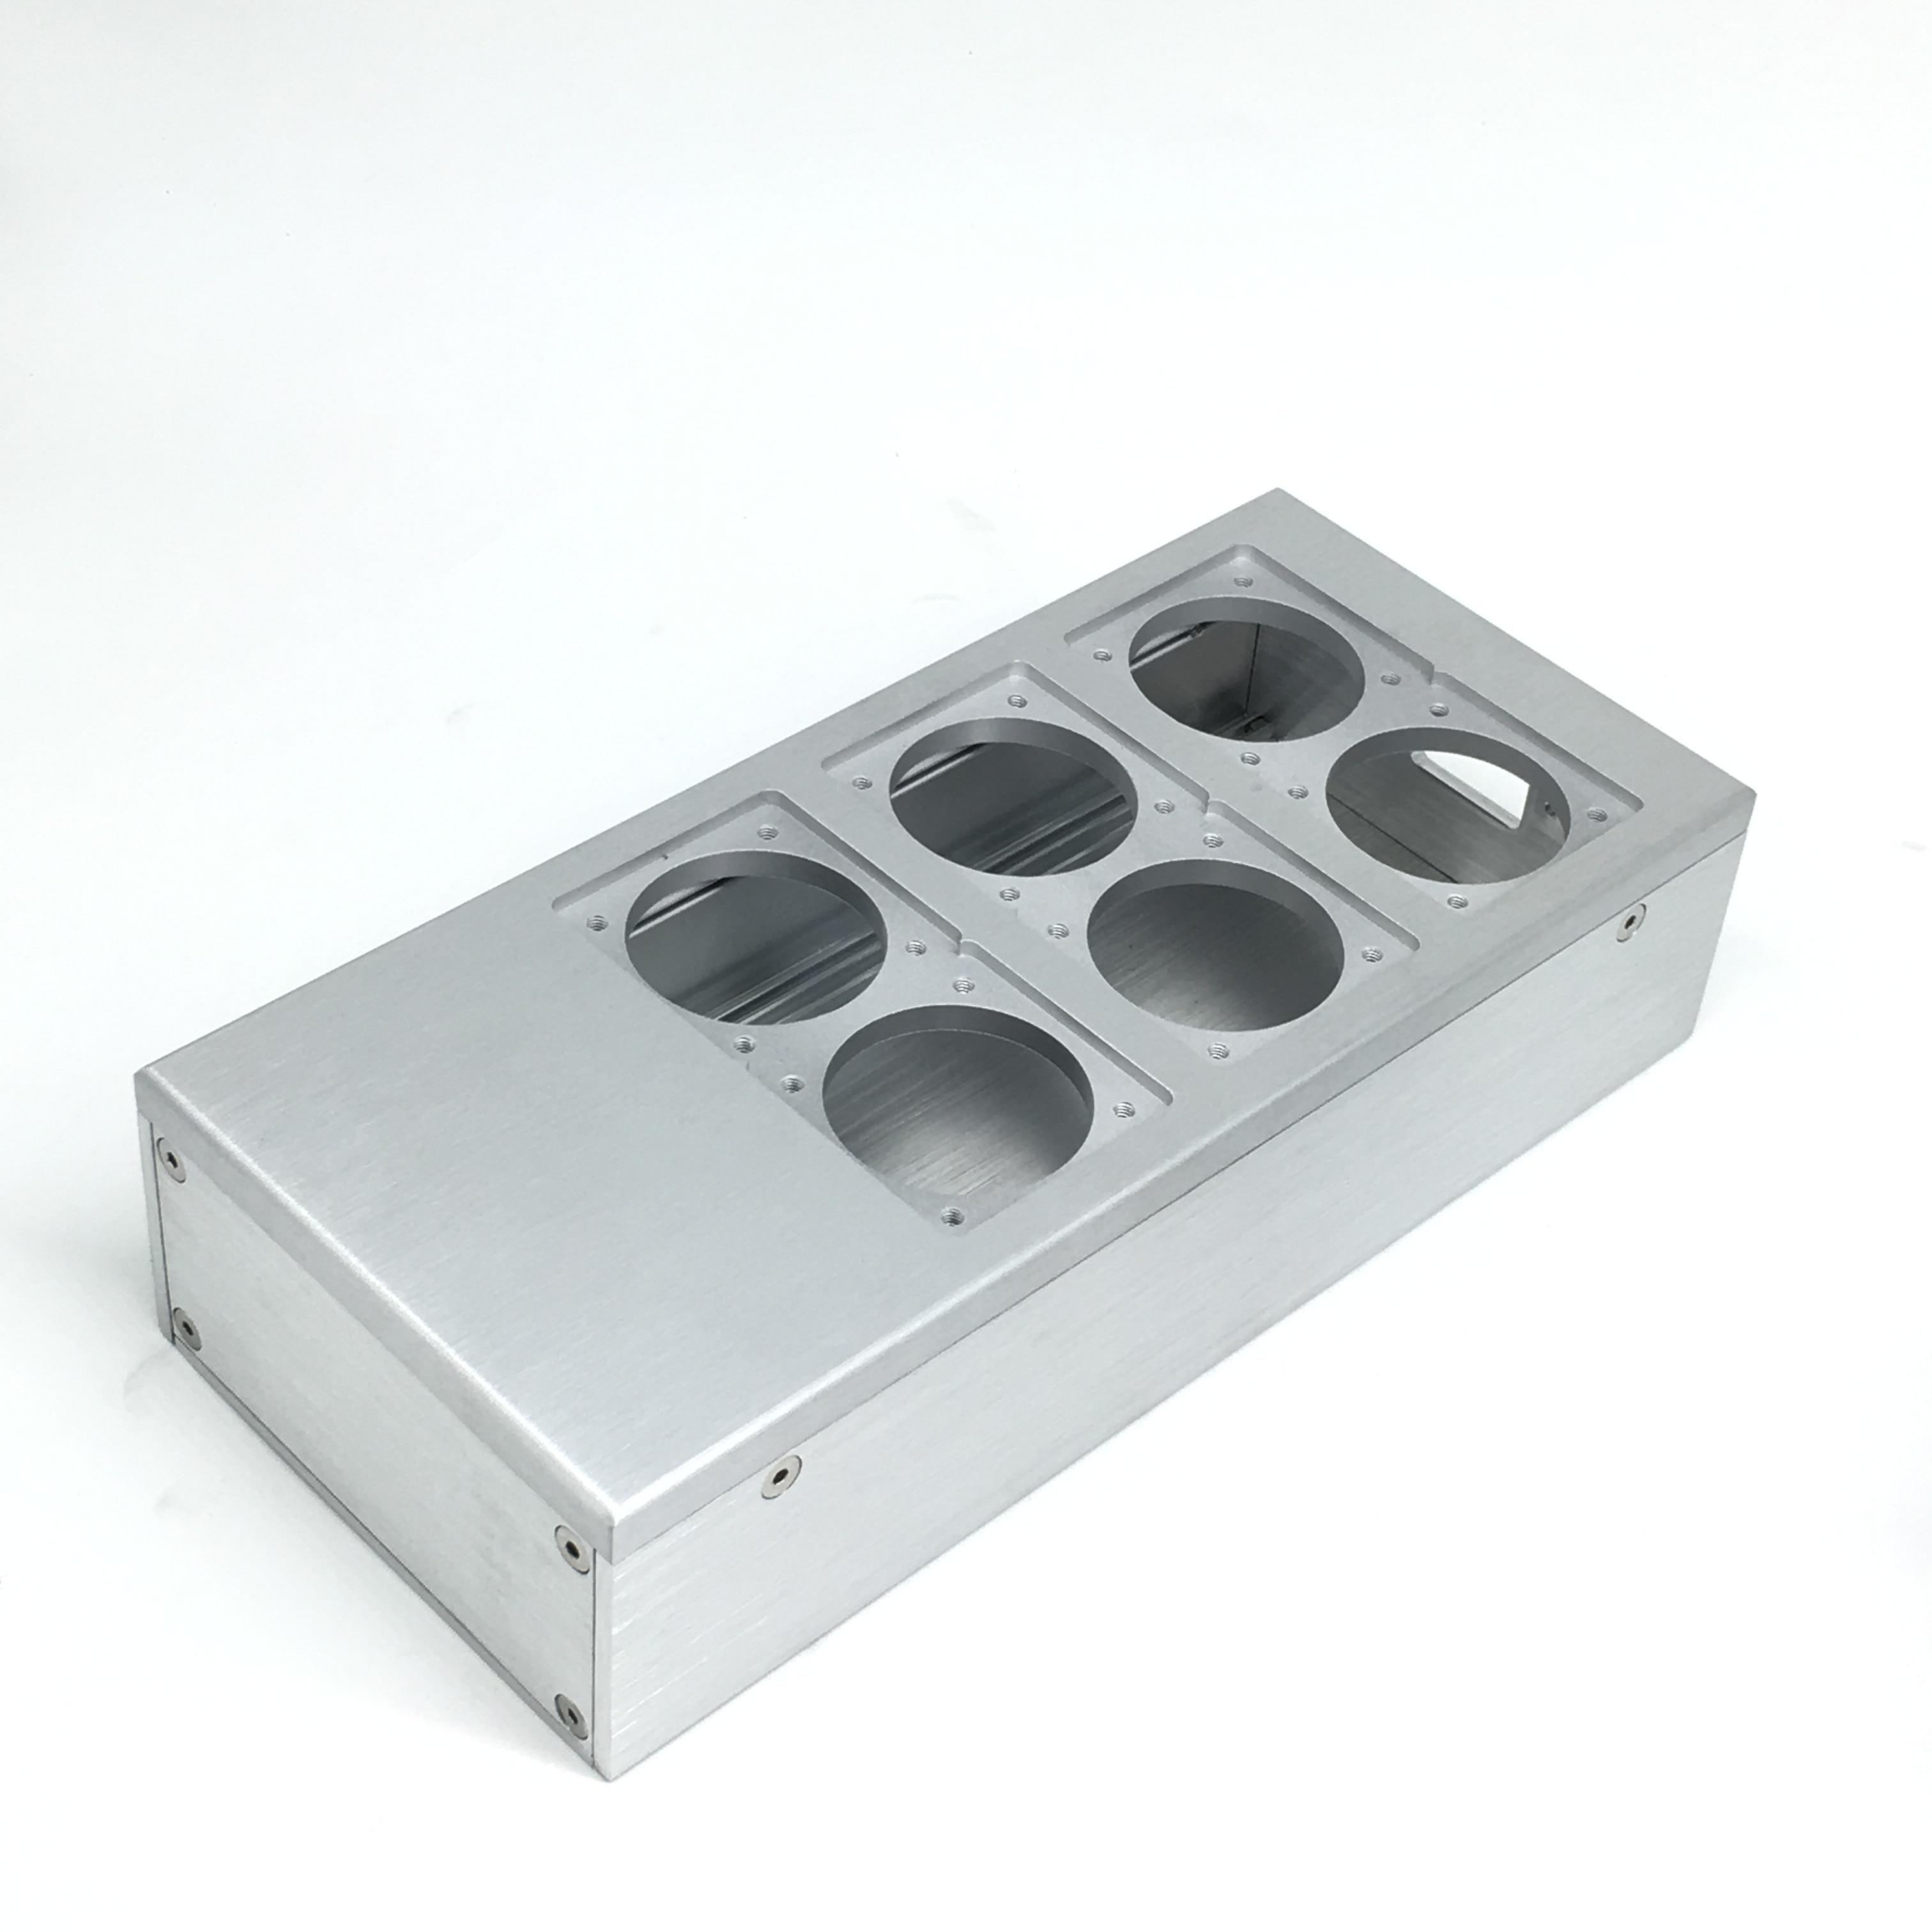 Boîtier d'alimentation complet en aluminium HIFI EU prise de courant standard européen châssis HiFi boîtier d'alimentation US boîtier bricolage